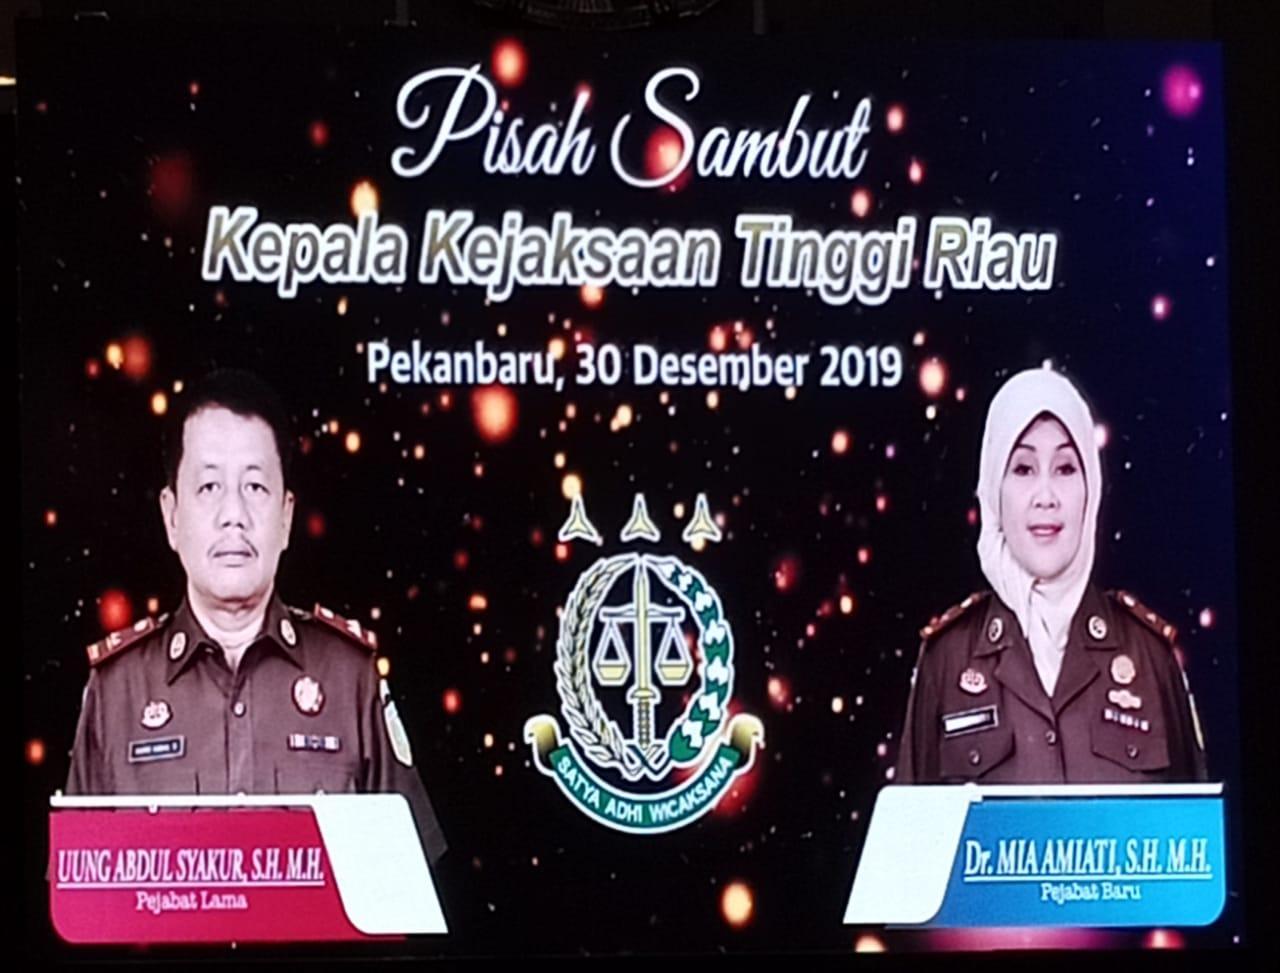 Bupati Amril Ucapkan Selamat Jalan ke Uung Abdul Syakur dan Selamat Bertugas ke Mia Amiati